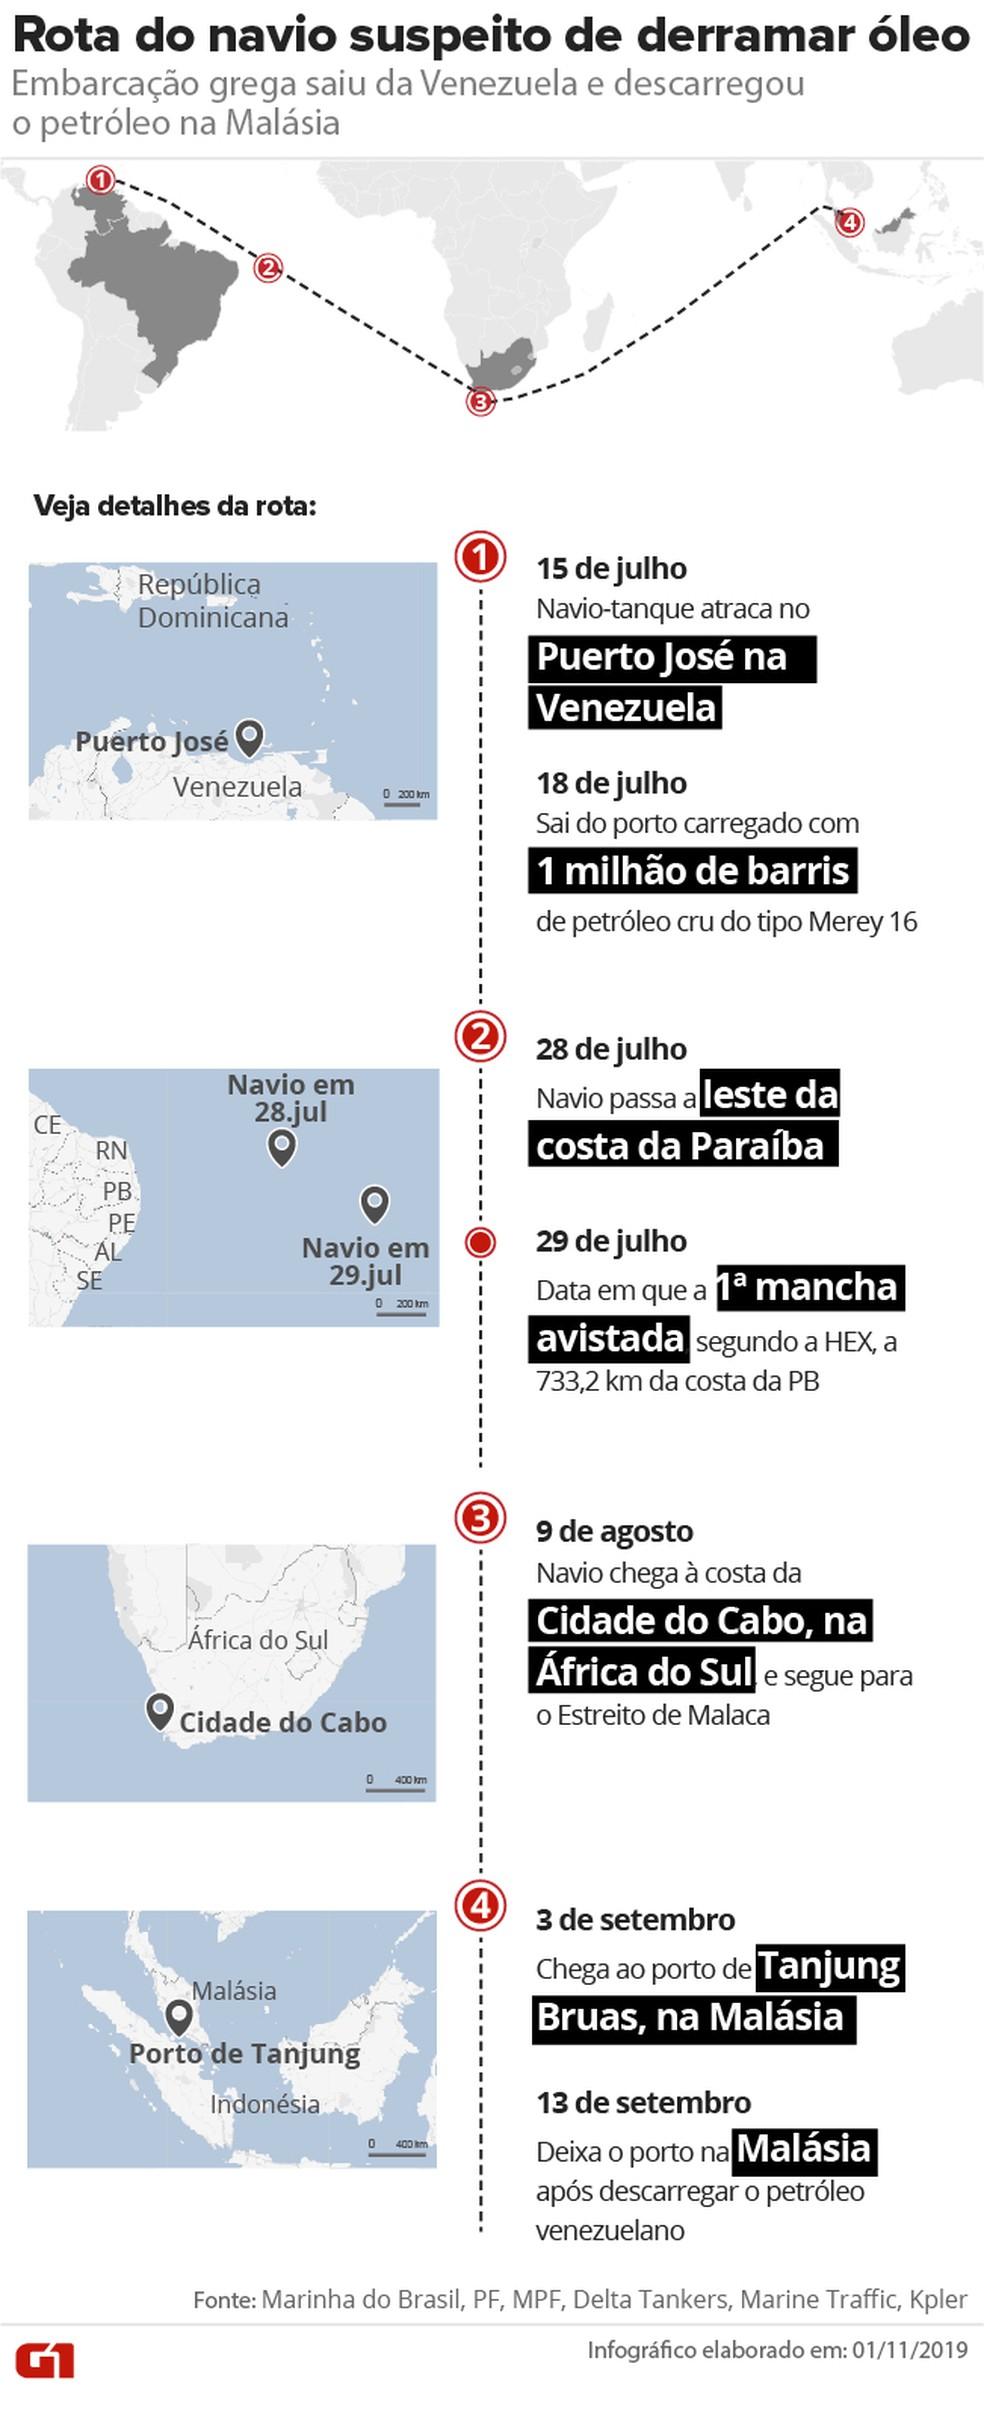 Rota do navio grego Bouboulina: embarcação zarpou em 18 de julho e passou pela costa brasileira no dia 28. — Foto: Arte/G1